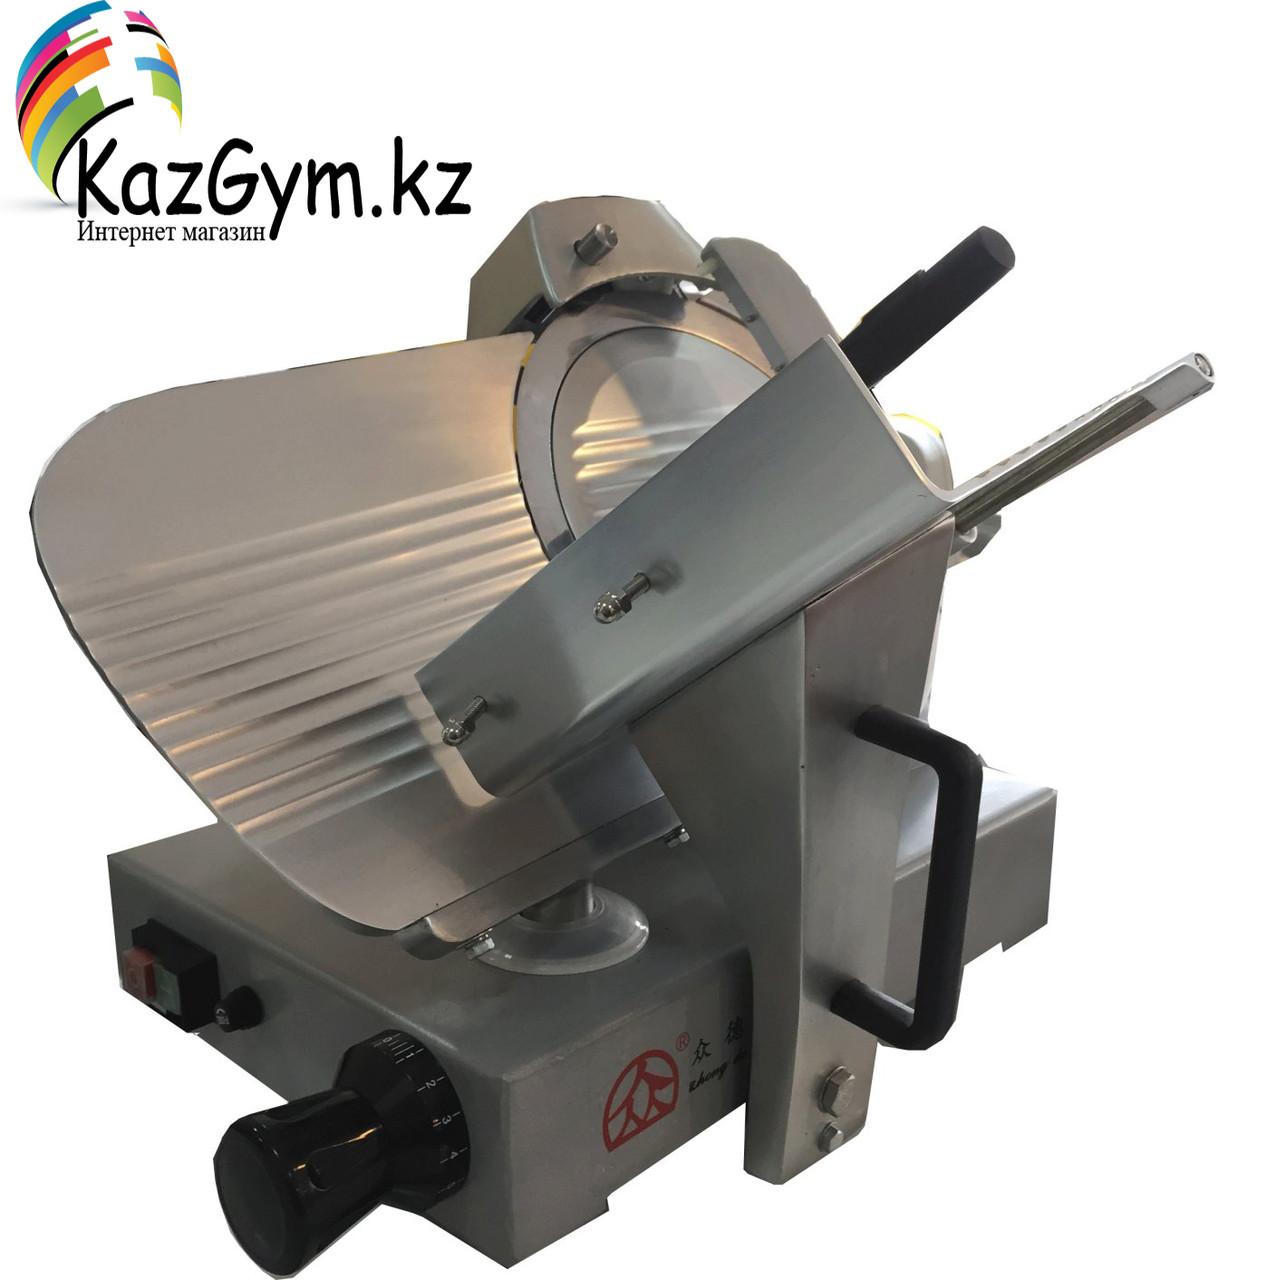 Слайсер ZD-3000B (610х450х420мм, Ø ножа 300 мм, 0,35 кВт, 220 В)